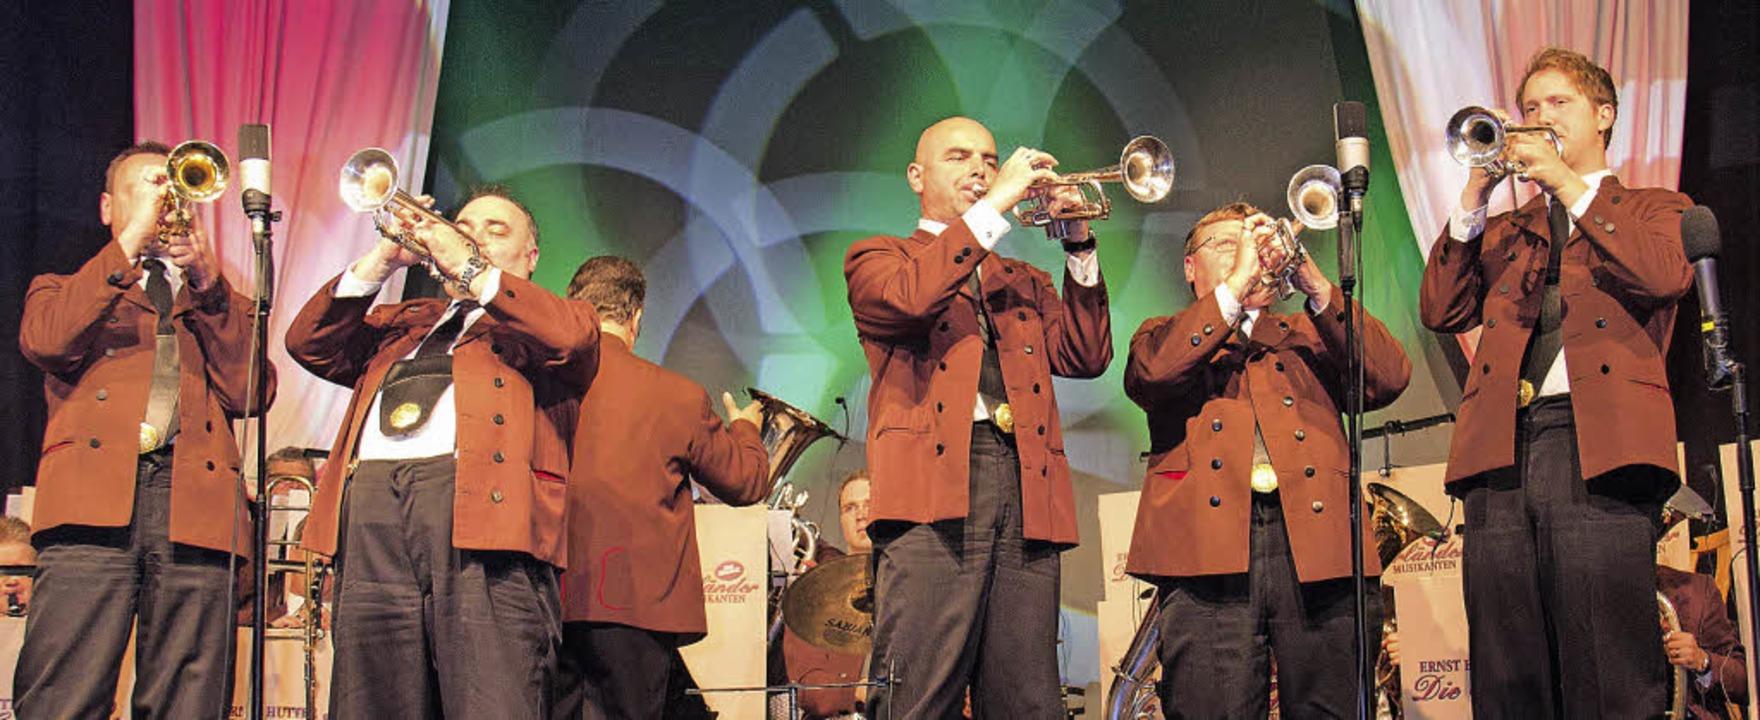 Rund 1200 Konzertbesucher im Festzelt ... Hutter und den Egerländern begeistert    Foto: Wilfried Dieckmann